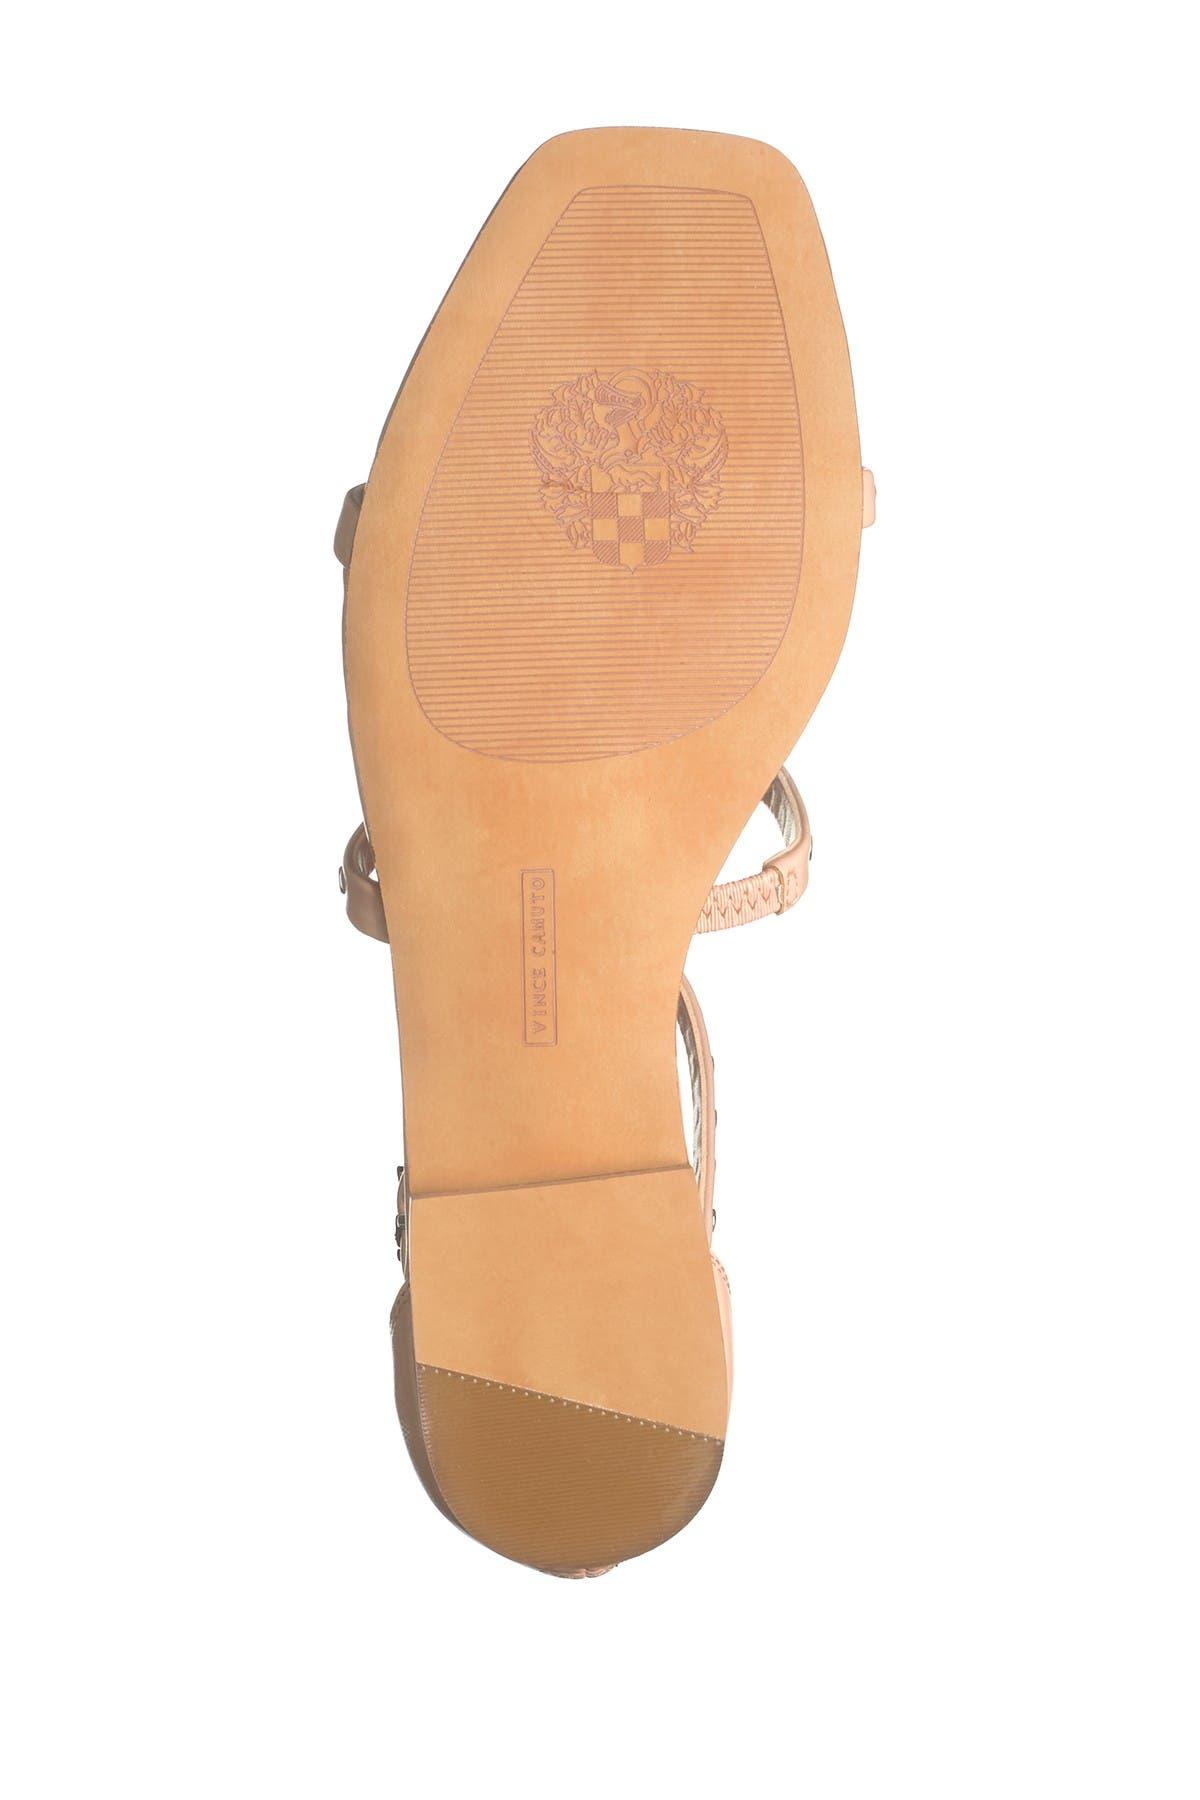 Vince Camuto Soretna Stud Sandal In Ltpink 02